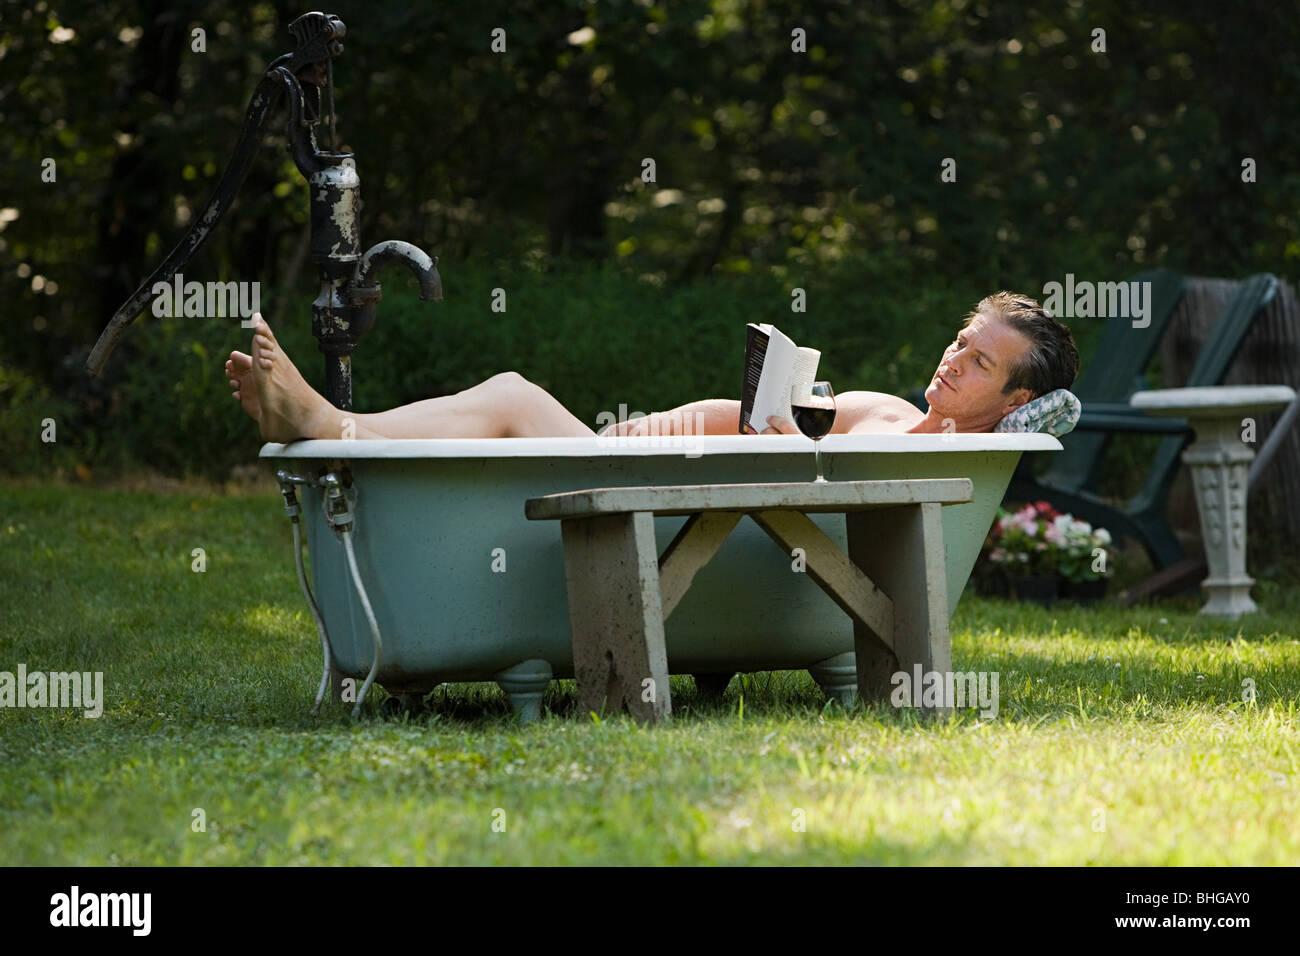 Vasca Da Bagno Esterna : L uomo nella vasca da bagno esterna foto & immagine stock: 28019348